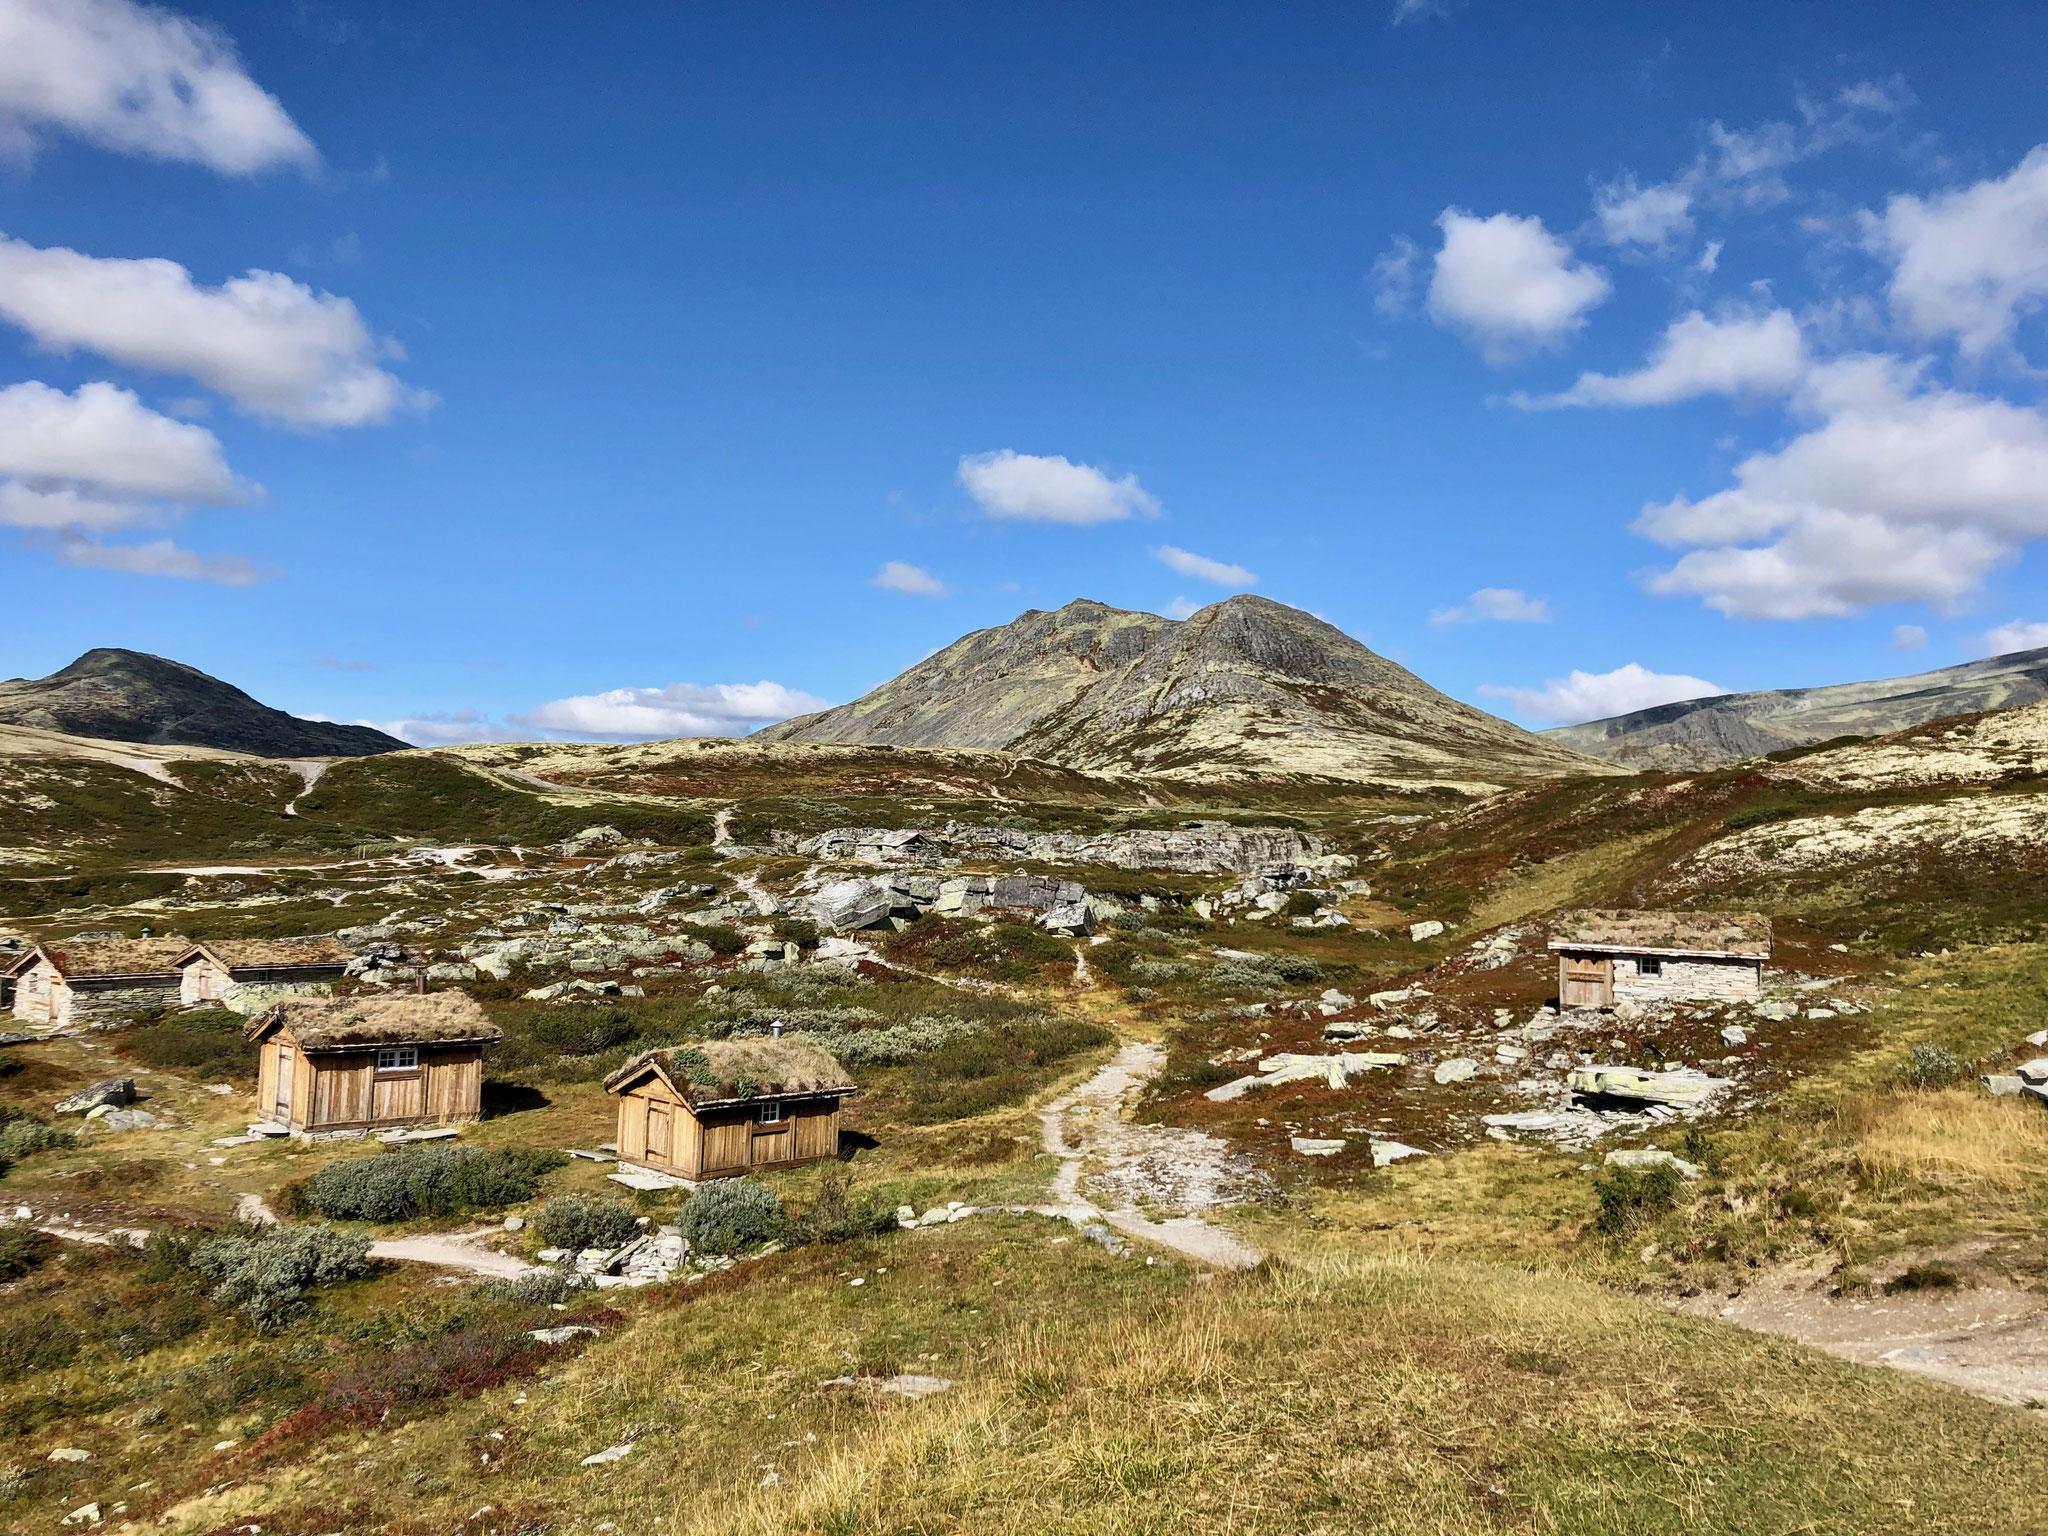 Der Blick auf die kleinen Hütte welche sich an der Peer Gynt befinden.